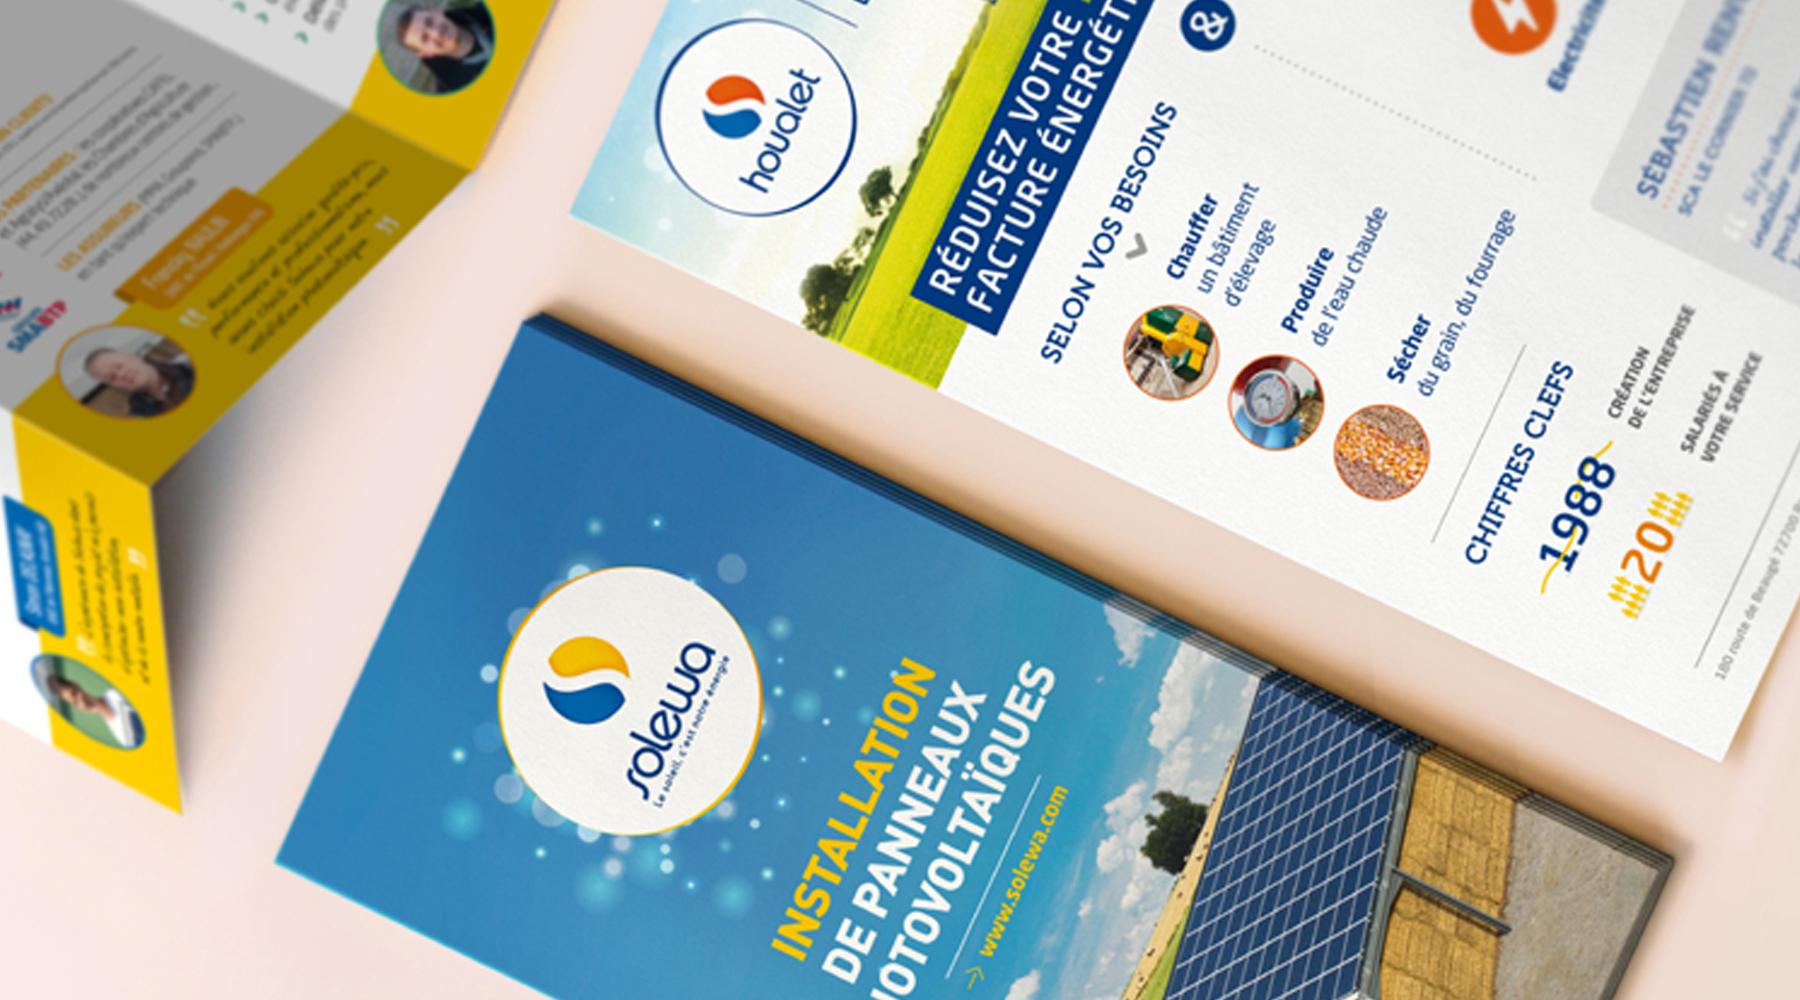 Edition plaquette entreprise dépliant flyer affiche Solewa